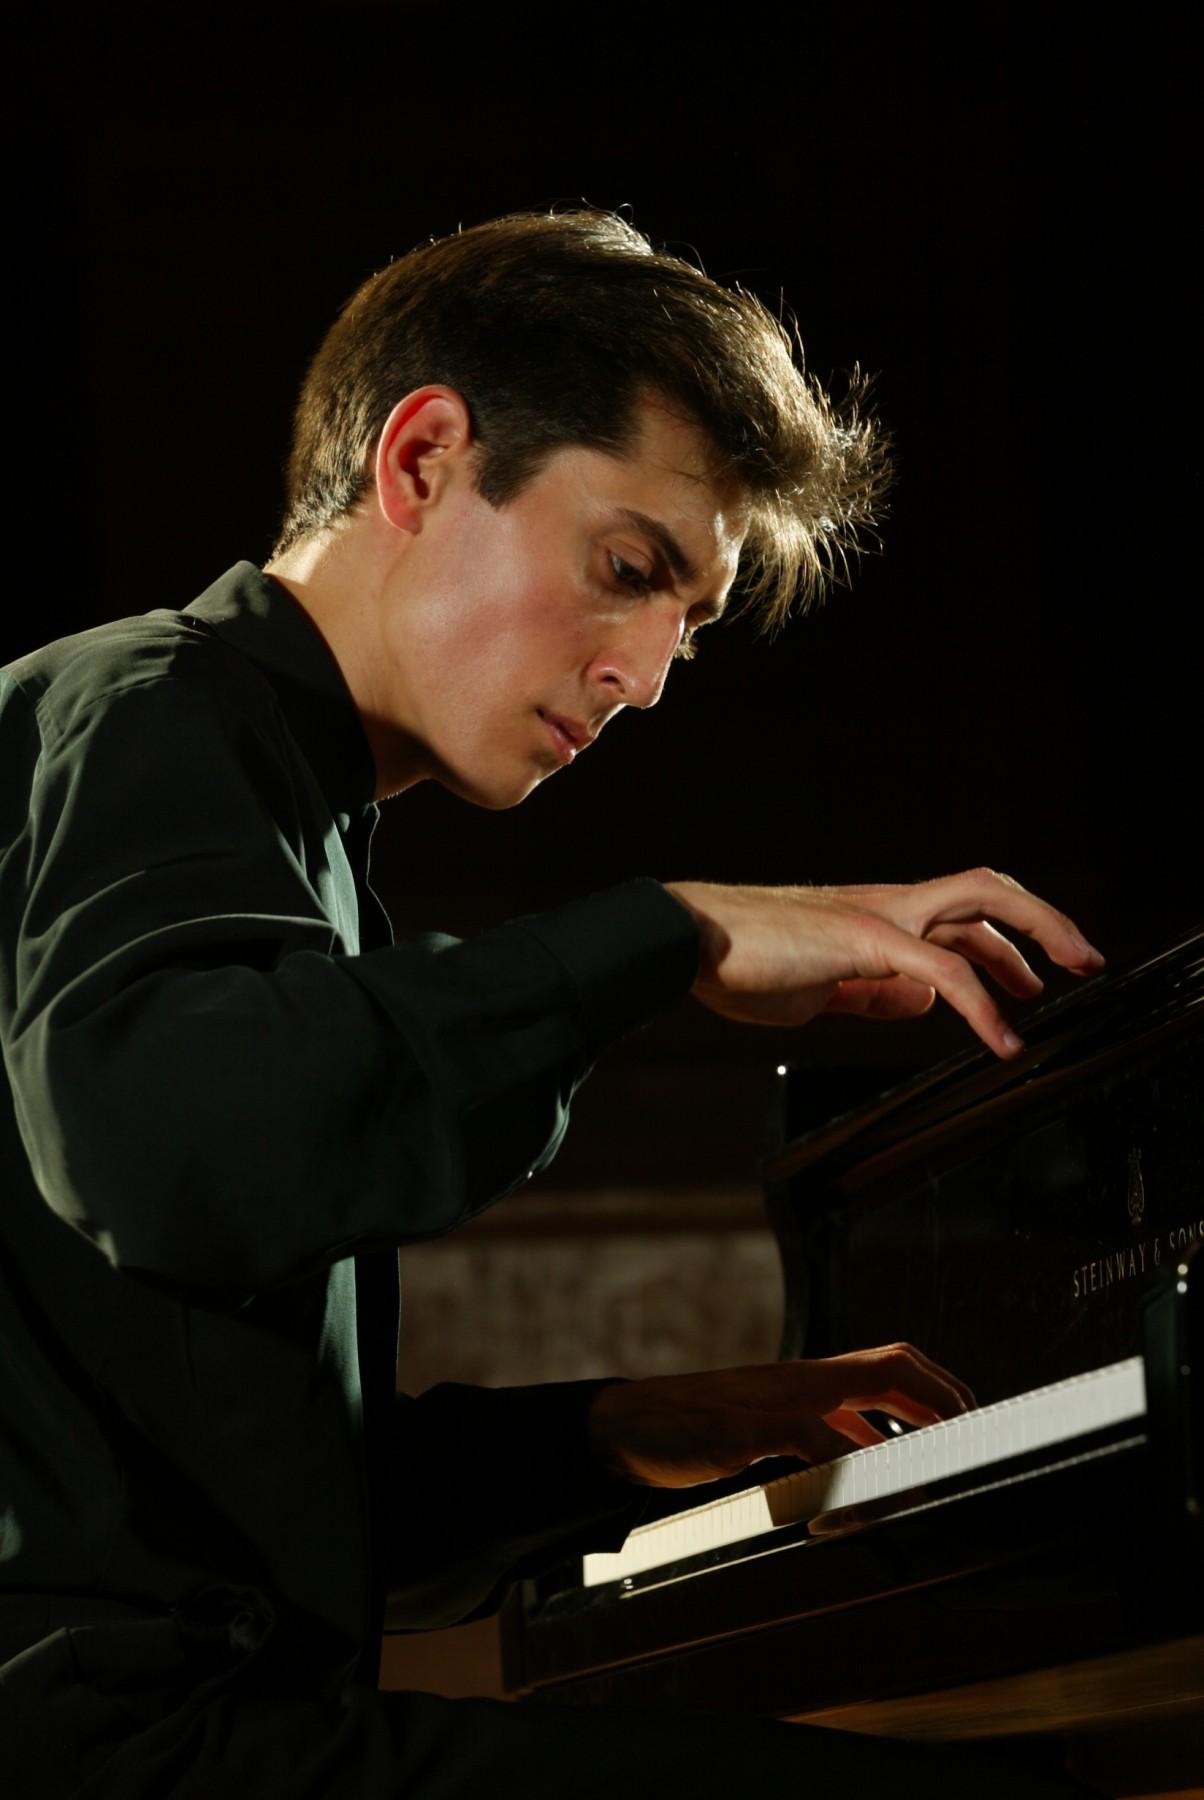 Yevgeny Sudbin at the piano